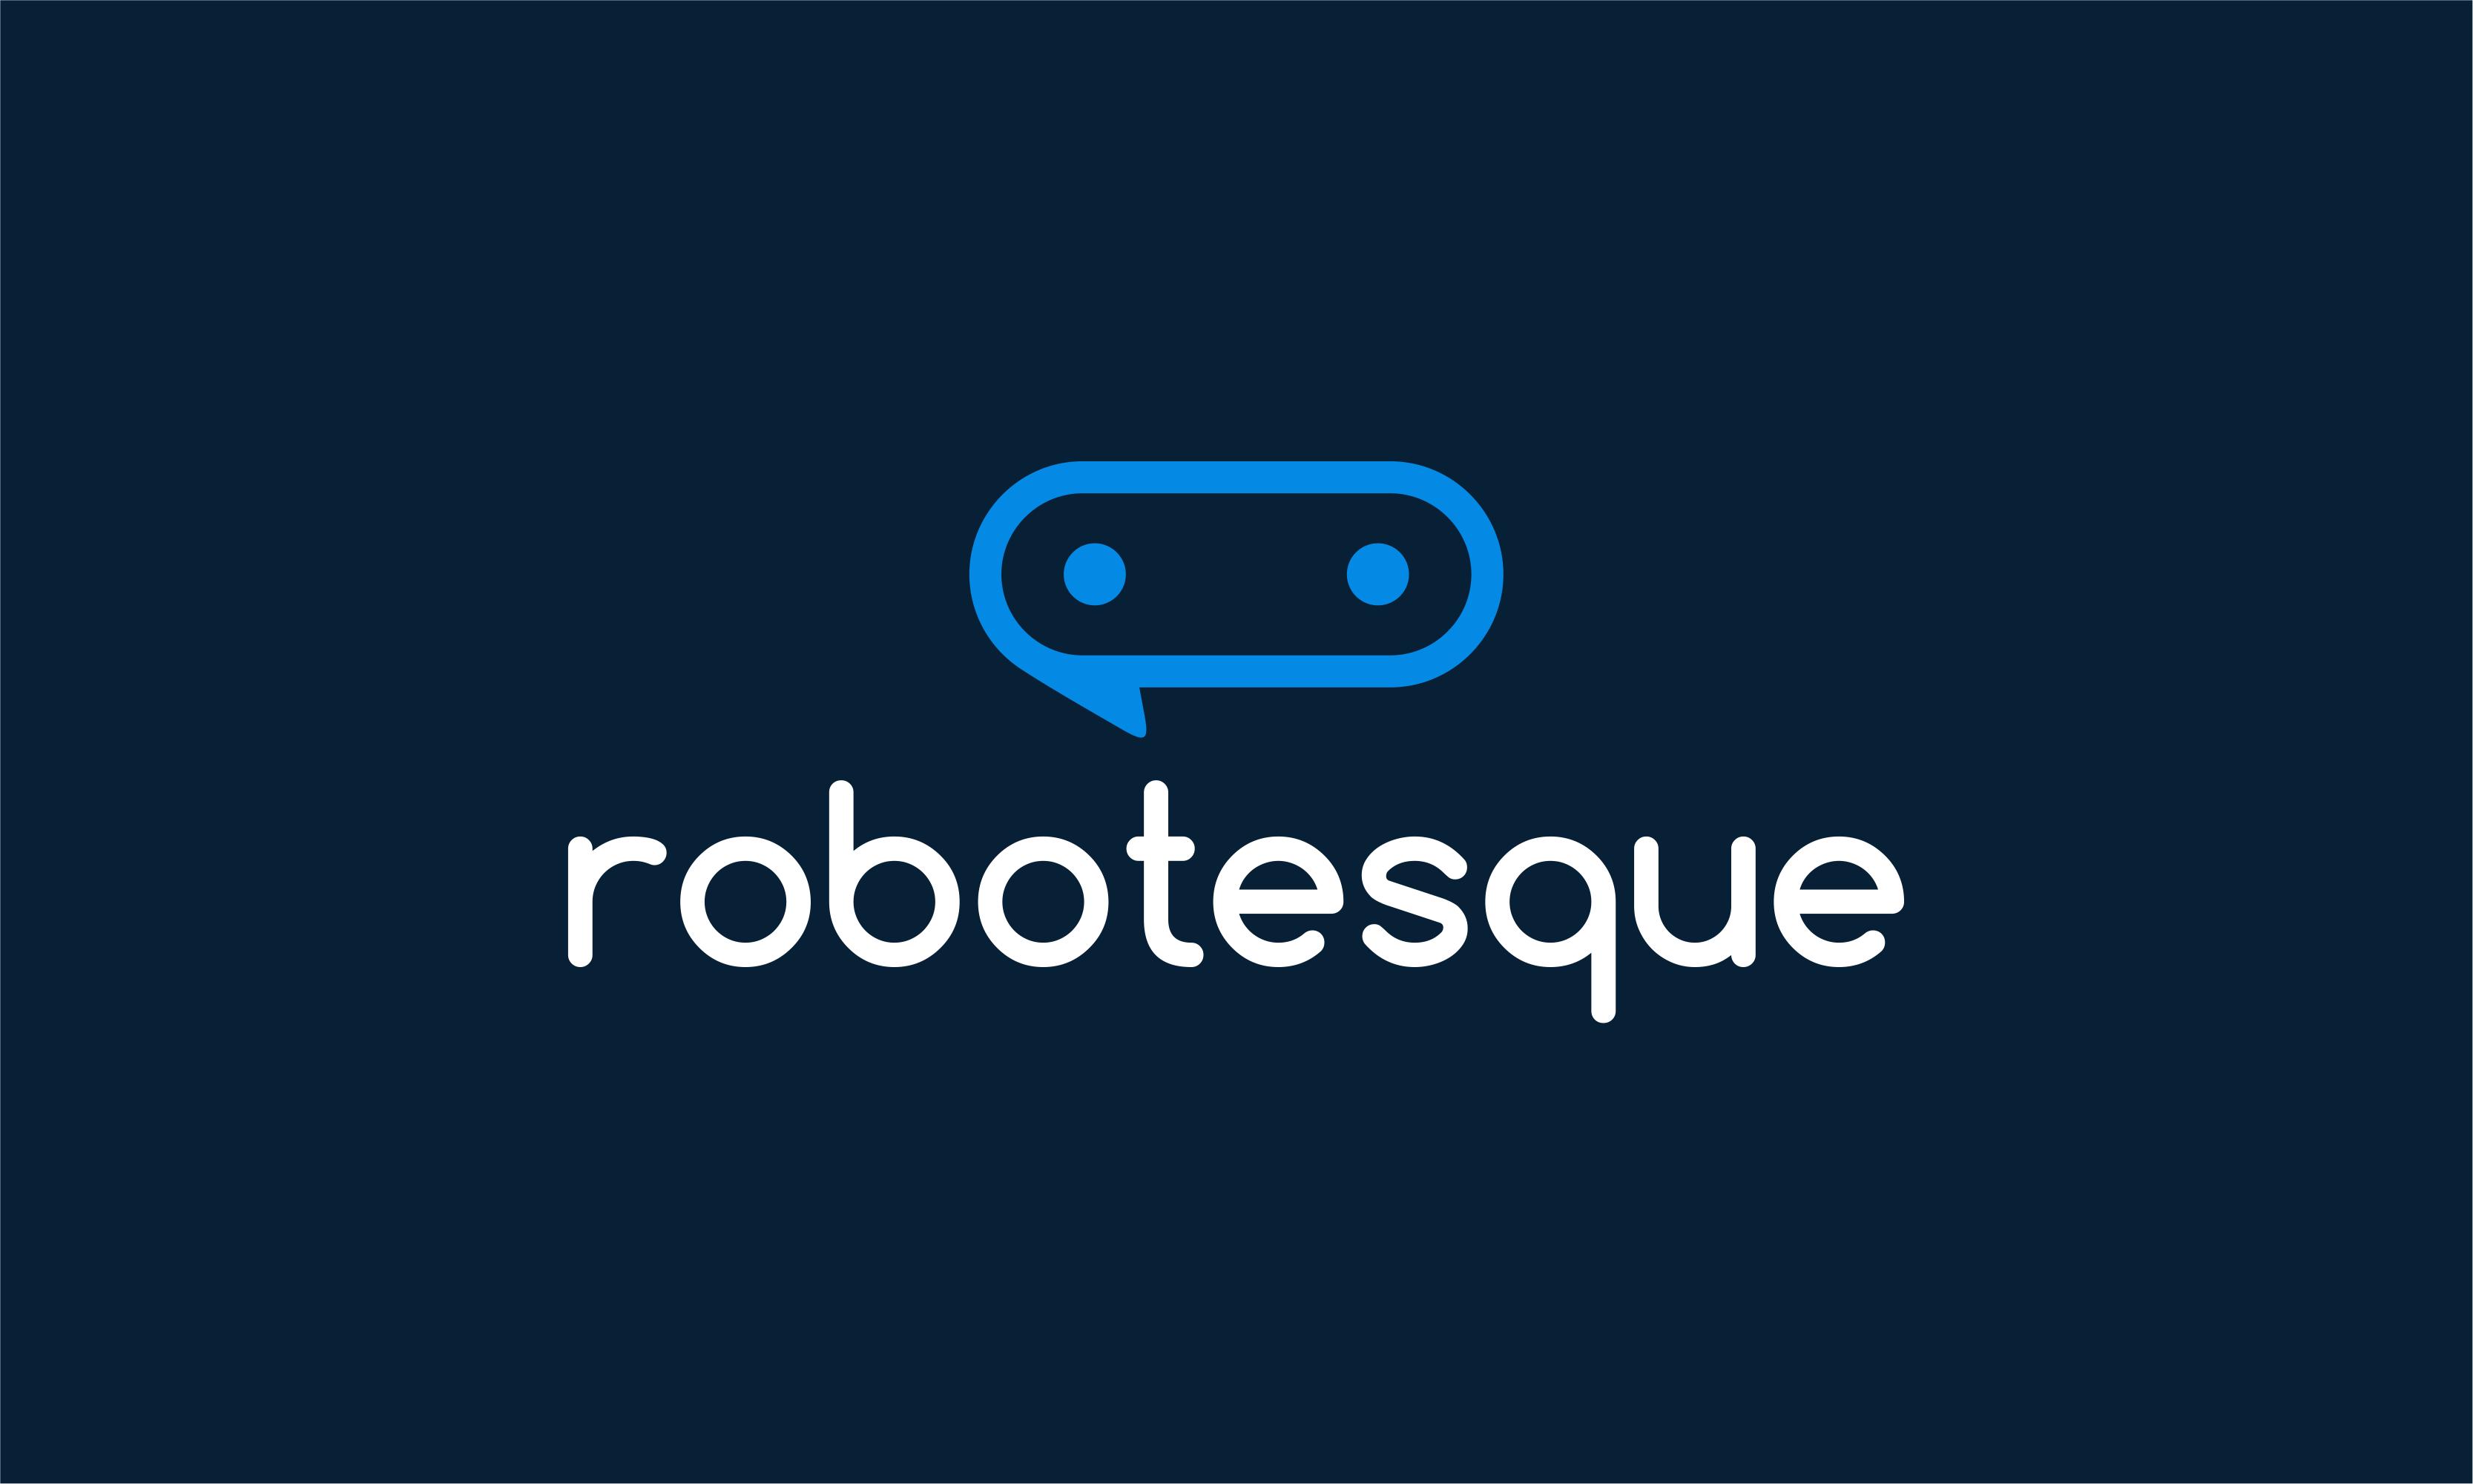 Robotesque